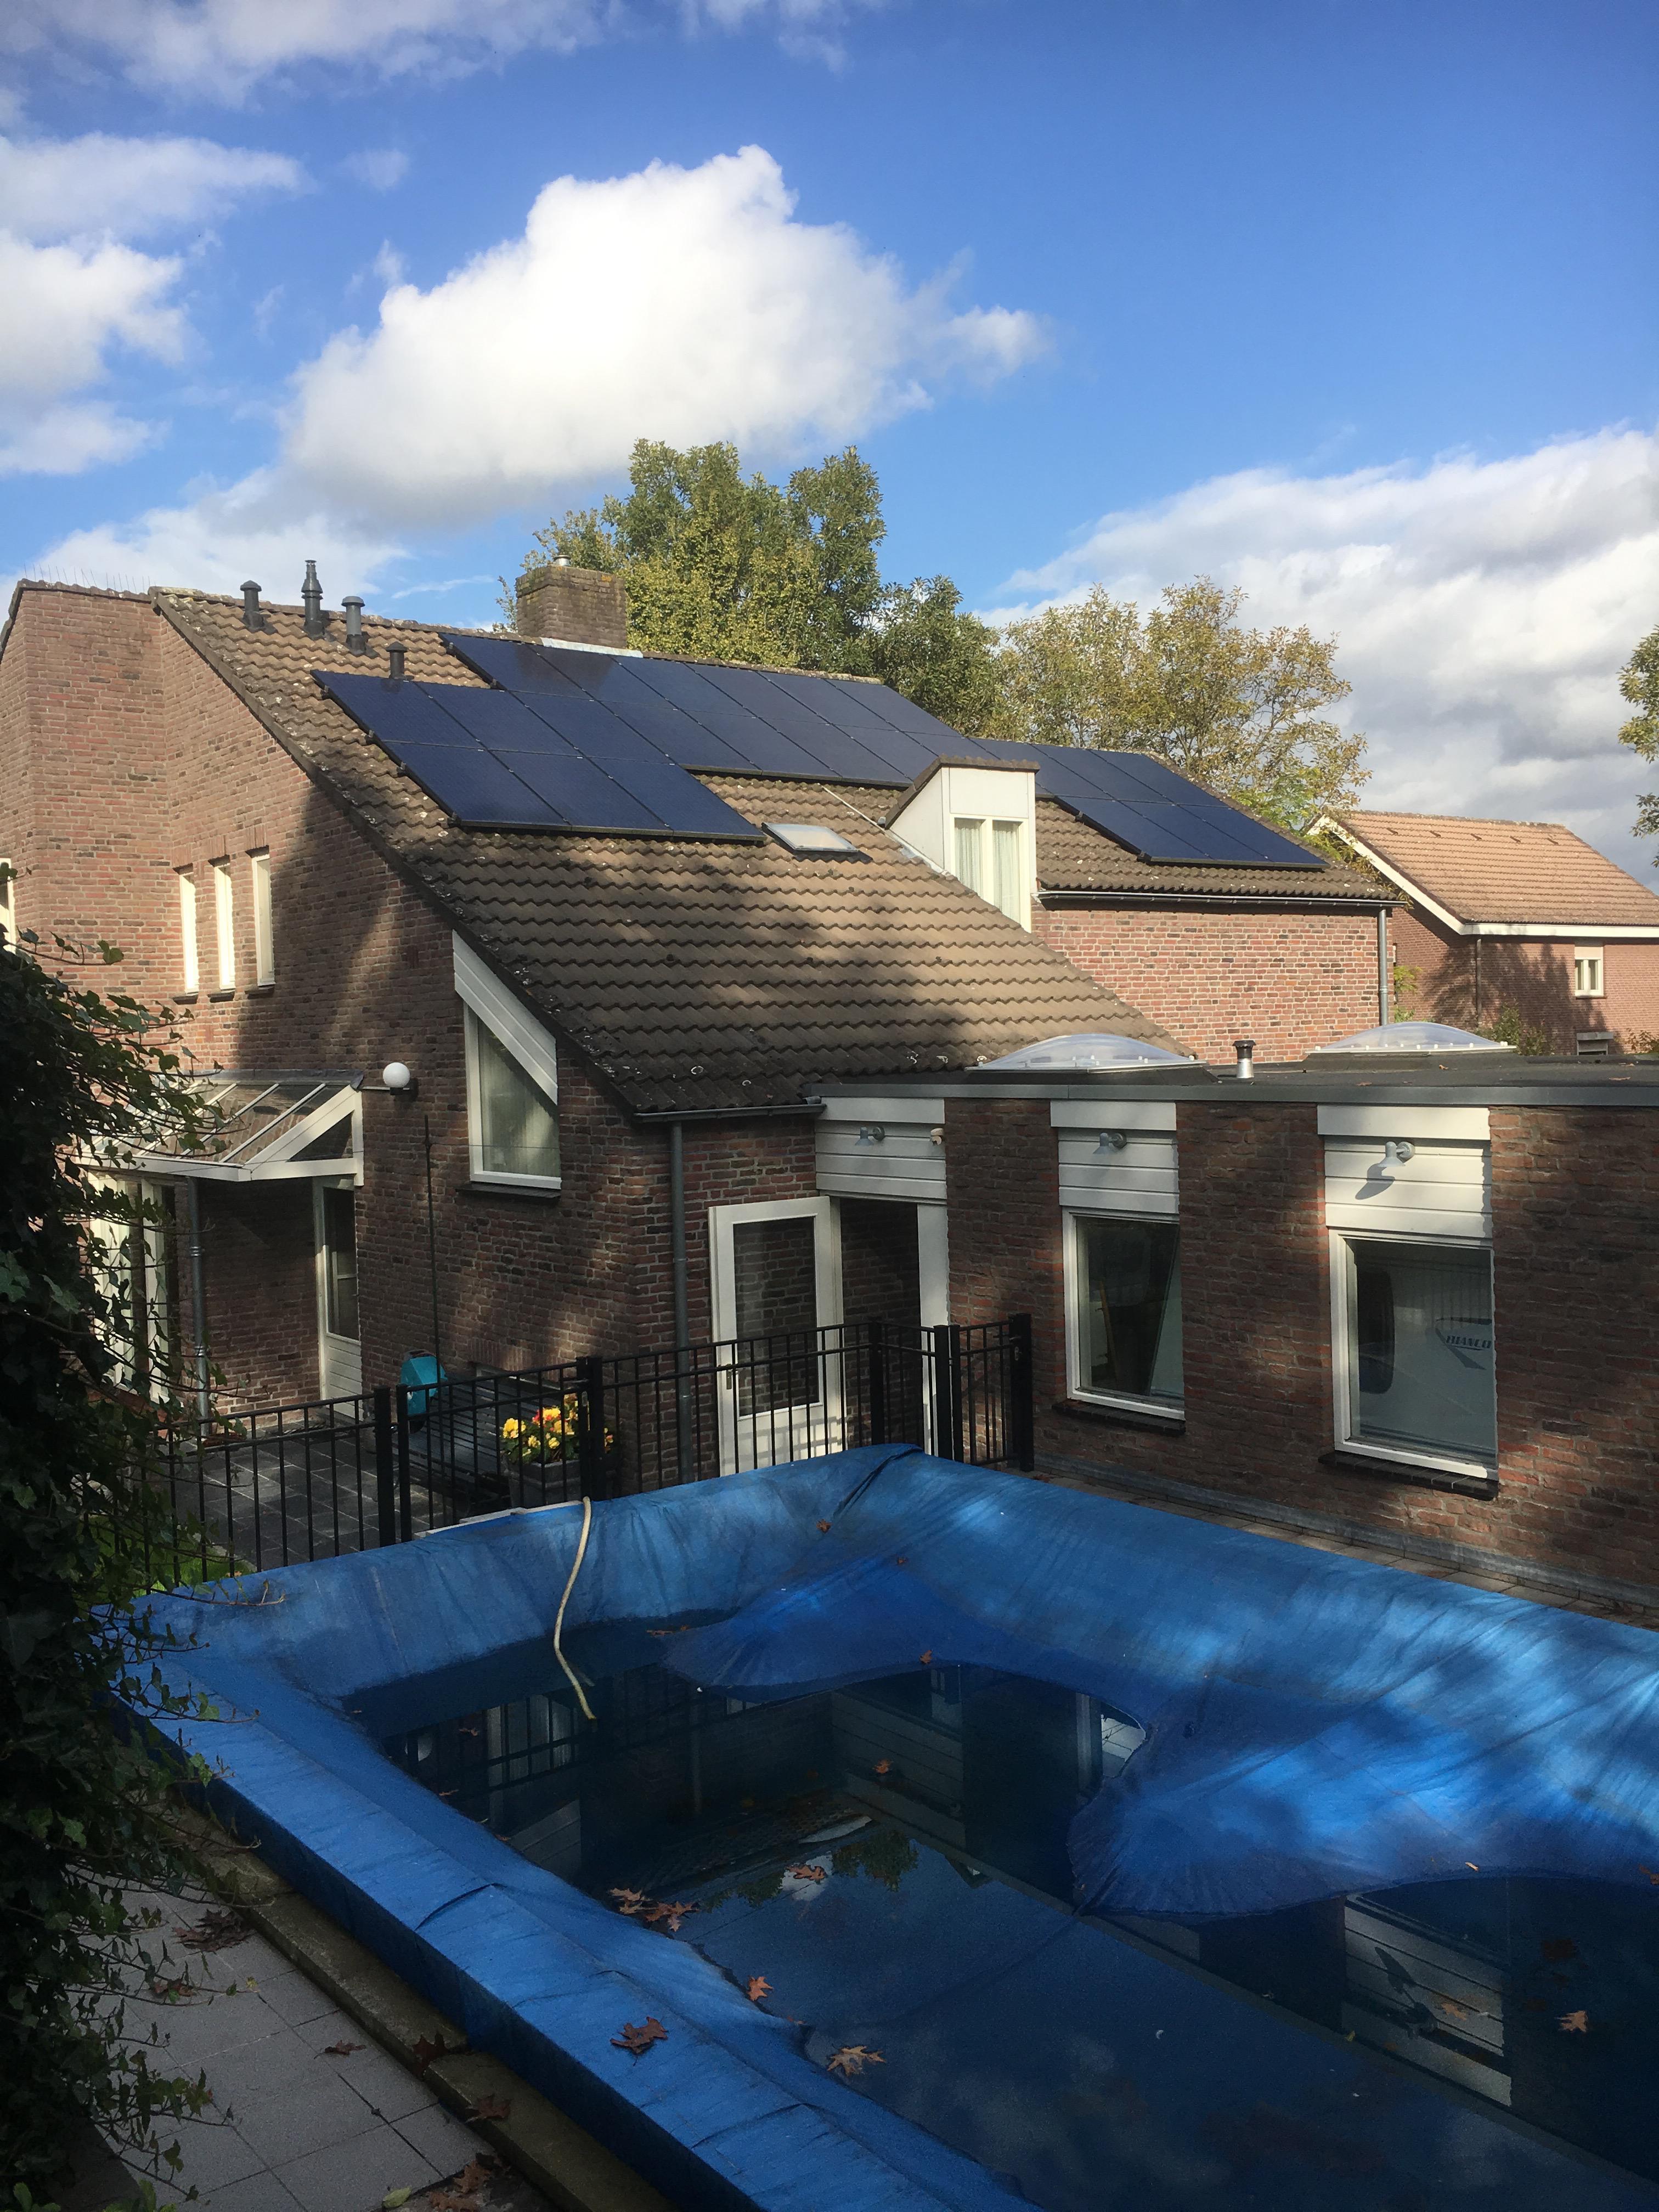 Afdekzeil blauw standaard (150gr/m²) gebruik: Afdekzeil blauw standaard (150gr/m²)